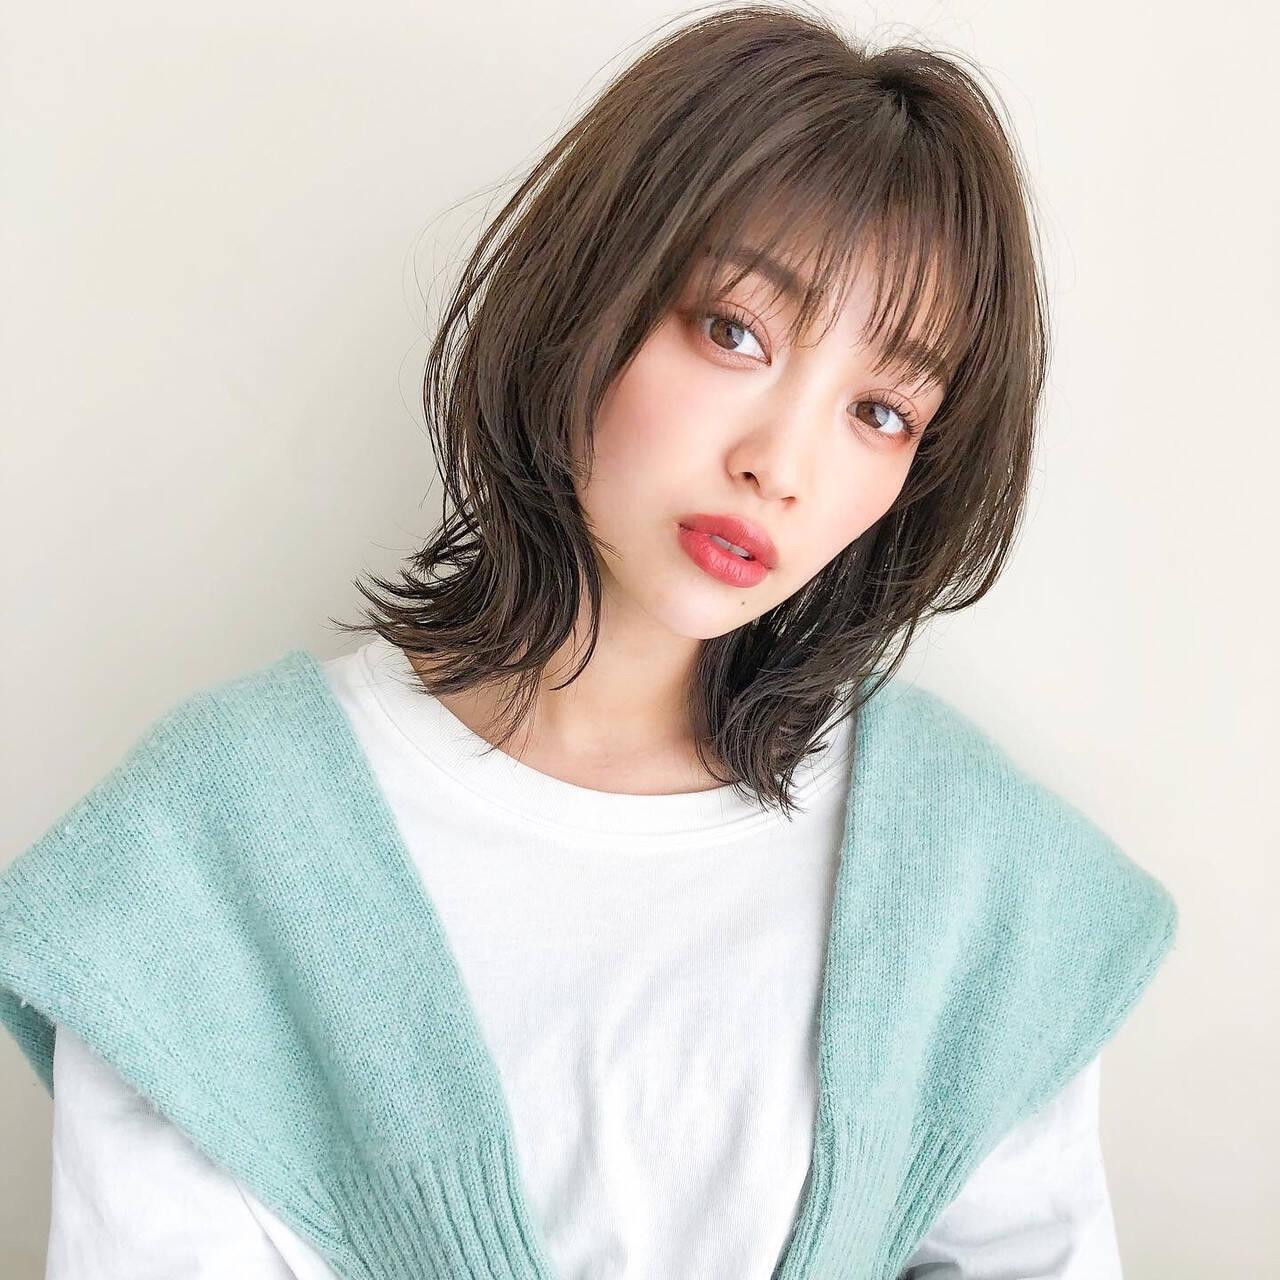 アンニュイほつれヘア 大人可愛い ミディアム デジタルパーマヘアスタイルや髪型の写真・画像